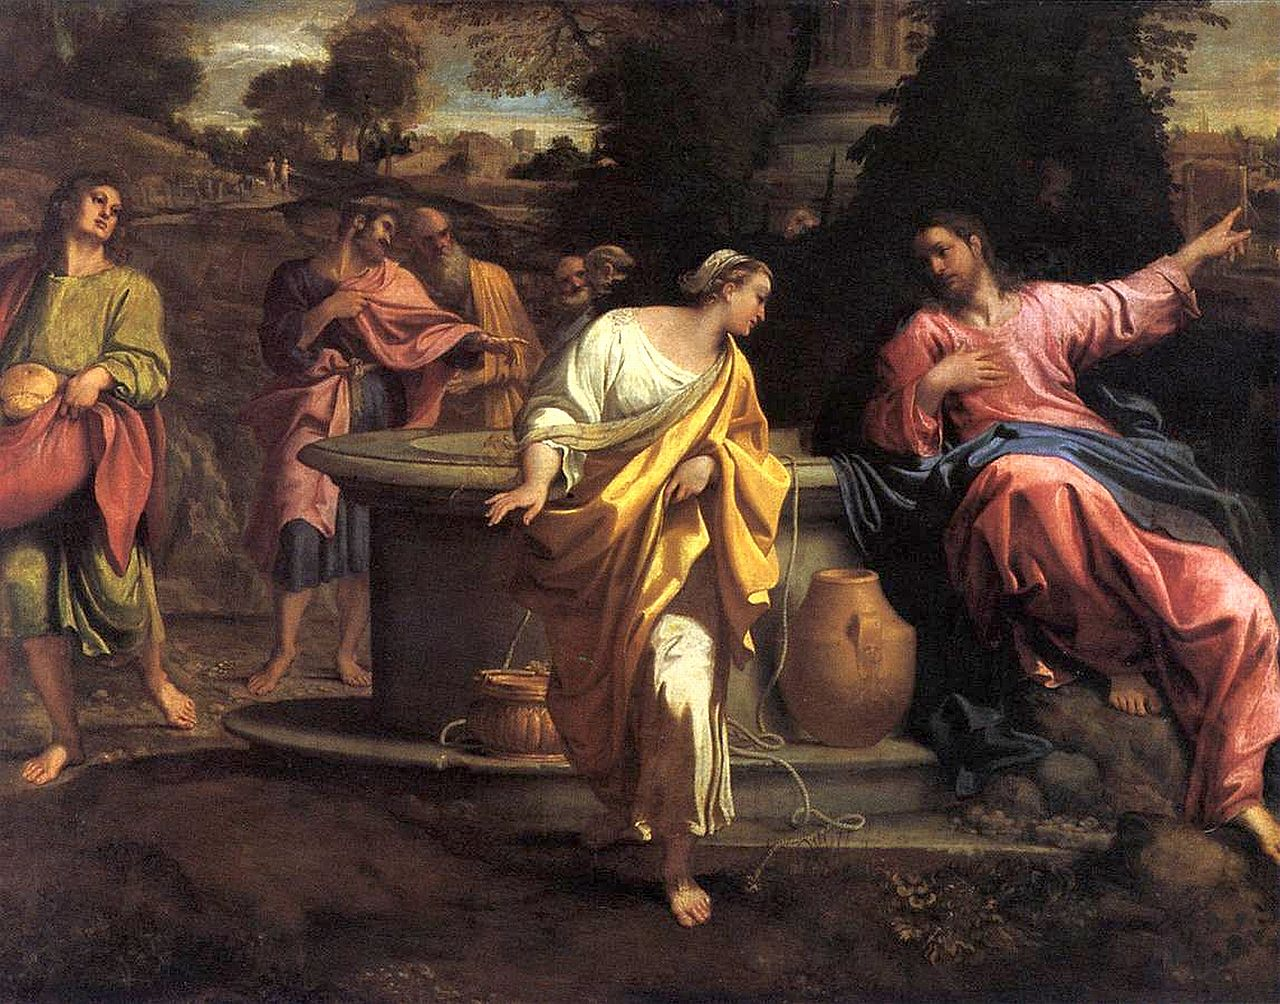 Annibale Carracci, The Samaritan Woman at the Well.